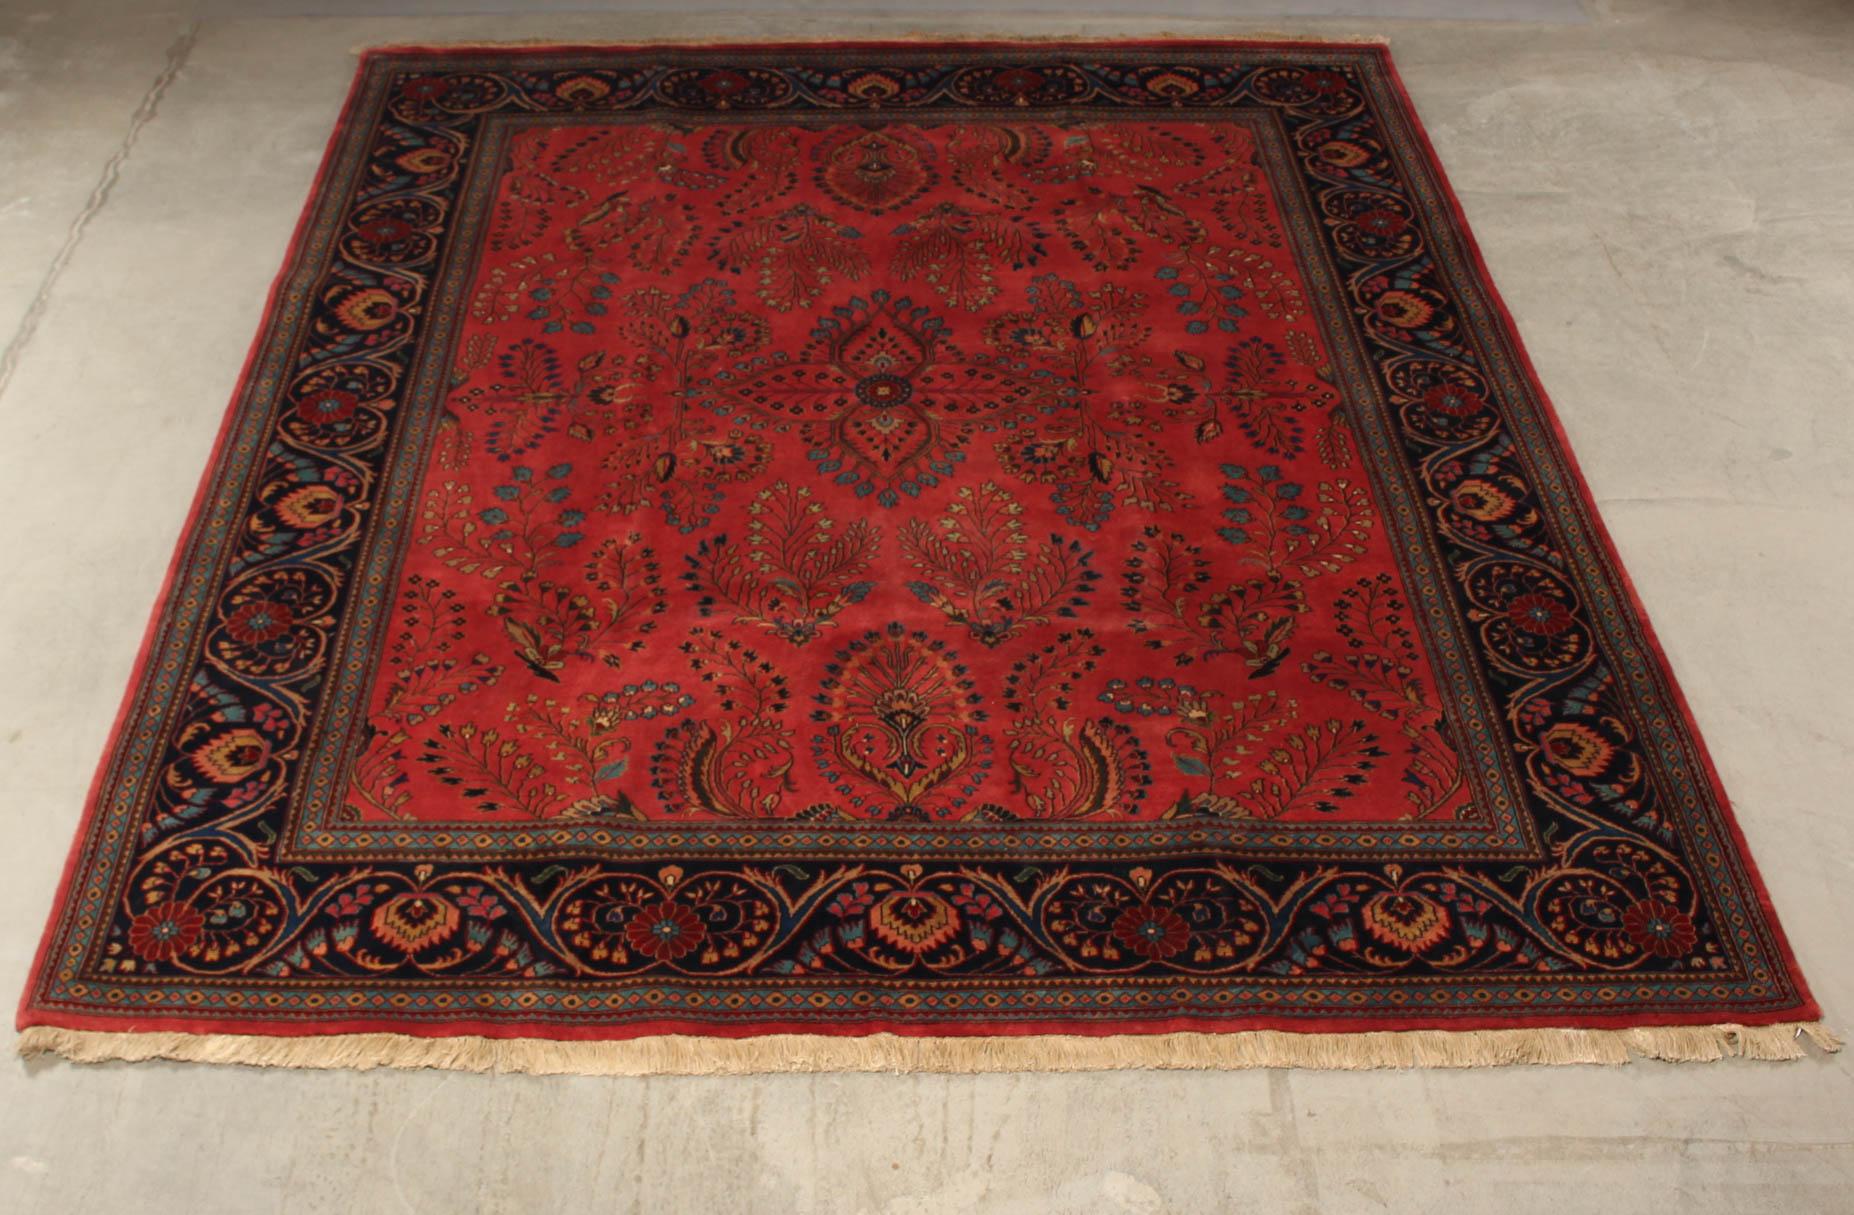 Indo Sarouk tæppe 248 x 298 cm - Indo Sarouk tæppe, uld på bomuld. Mål: 248 x 298 cm